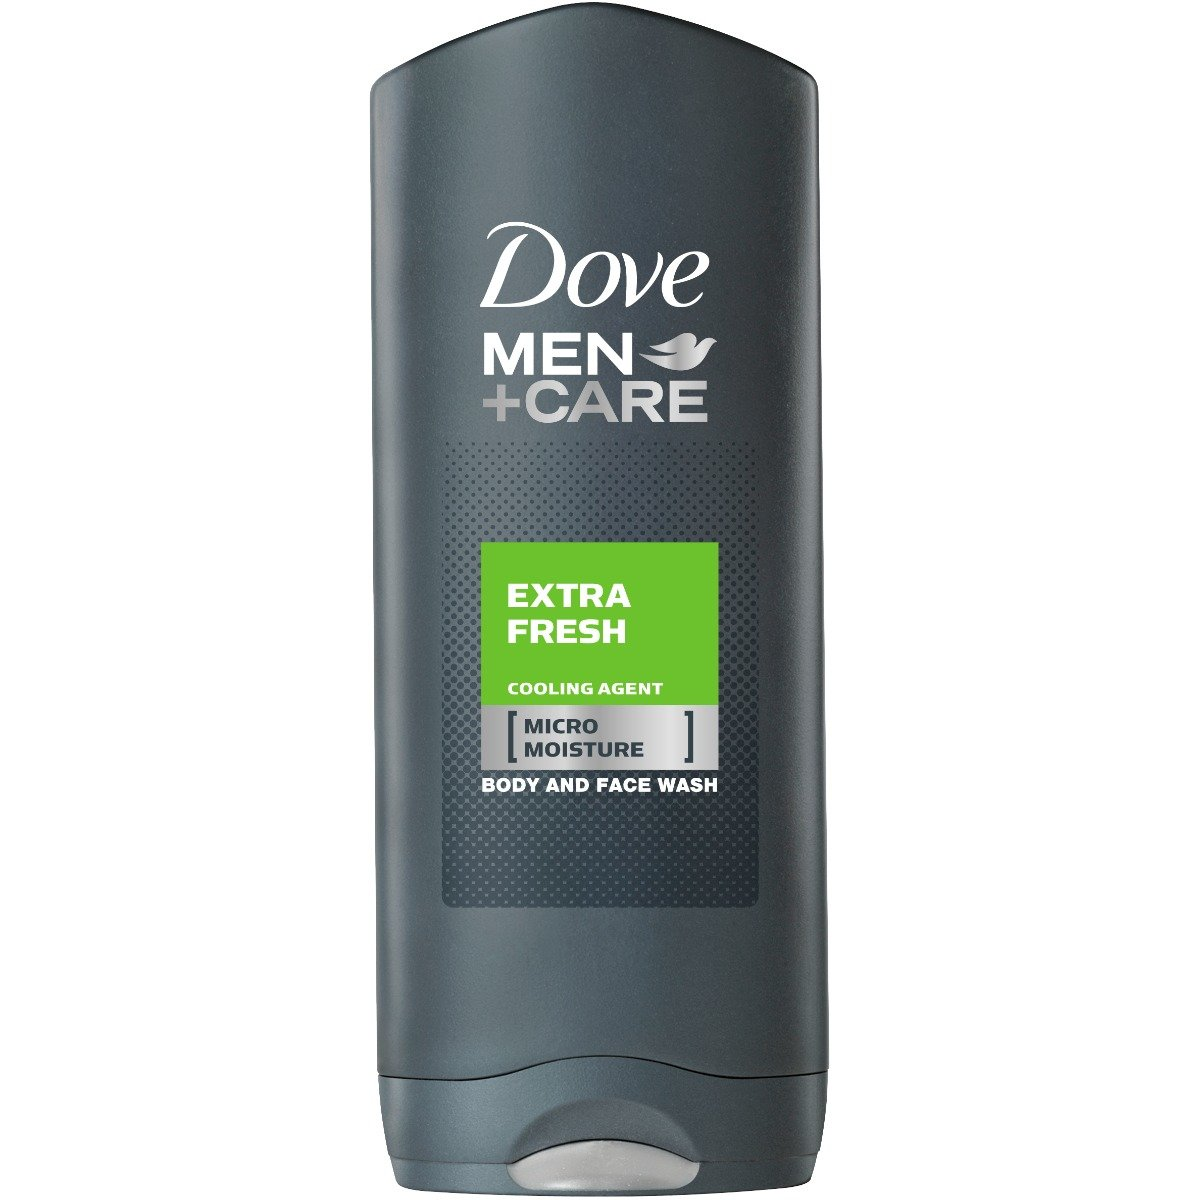 Gel de dus Dove Men +Care Extra Fresh, 400 ml imagine